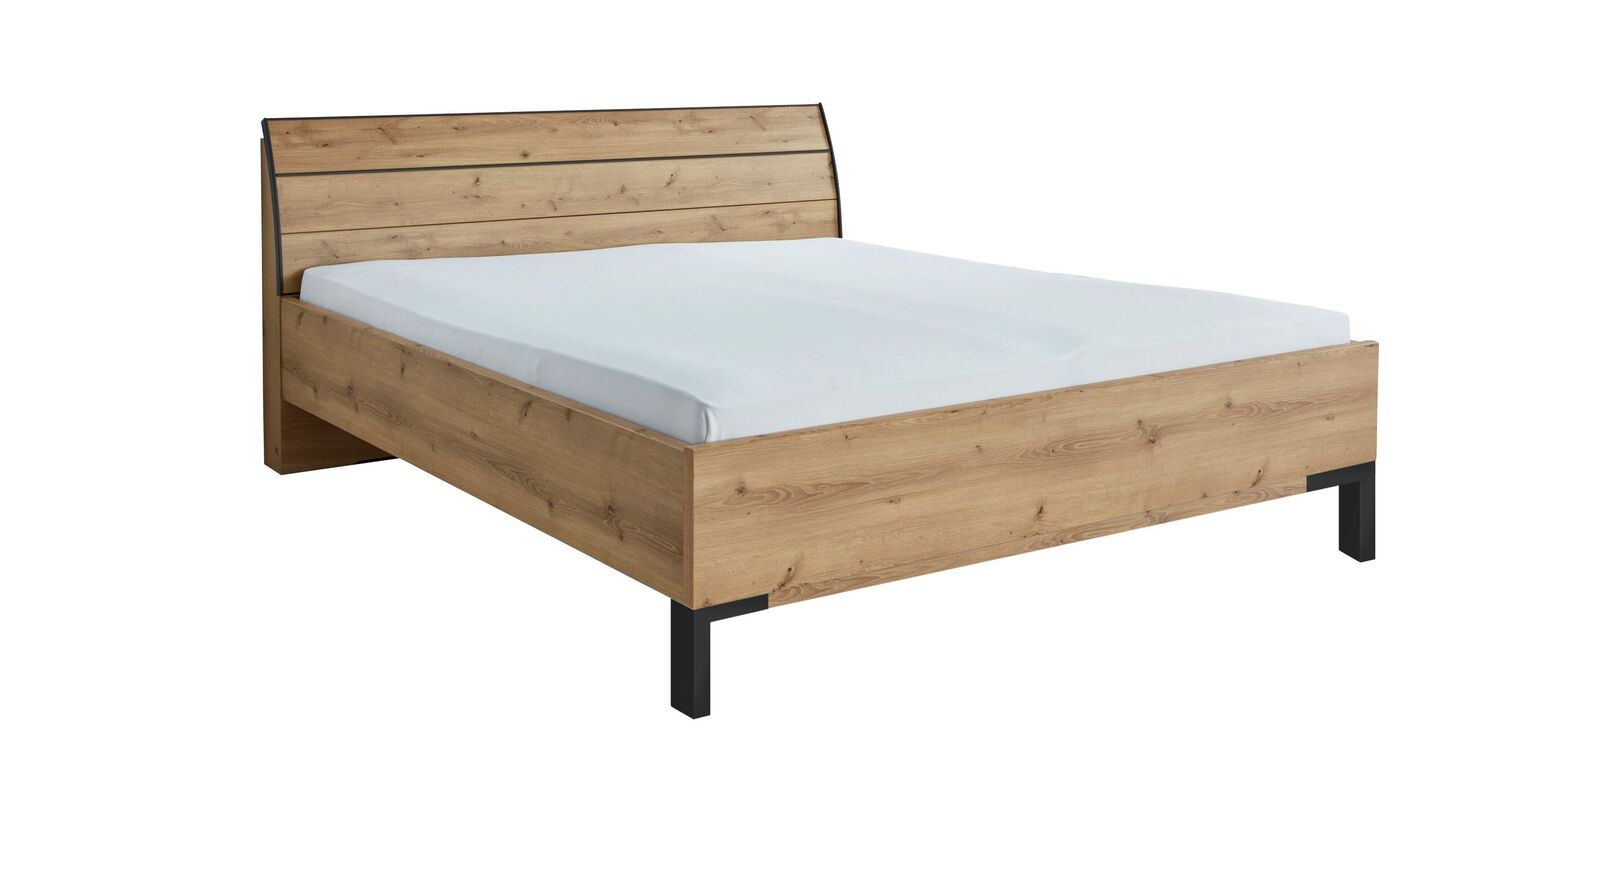 INTERLIVING Bett 1205 mit pflegeleichter Dekoroberfläche